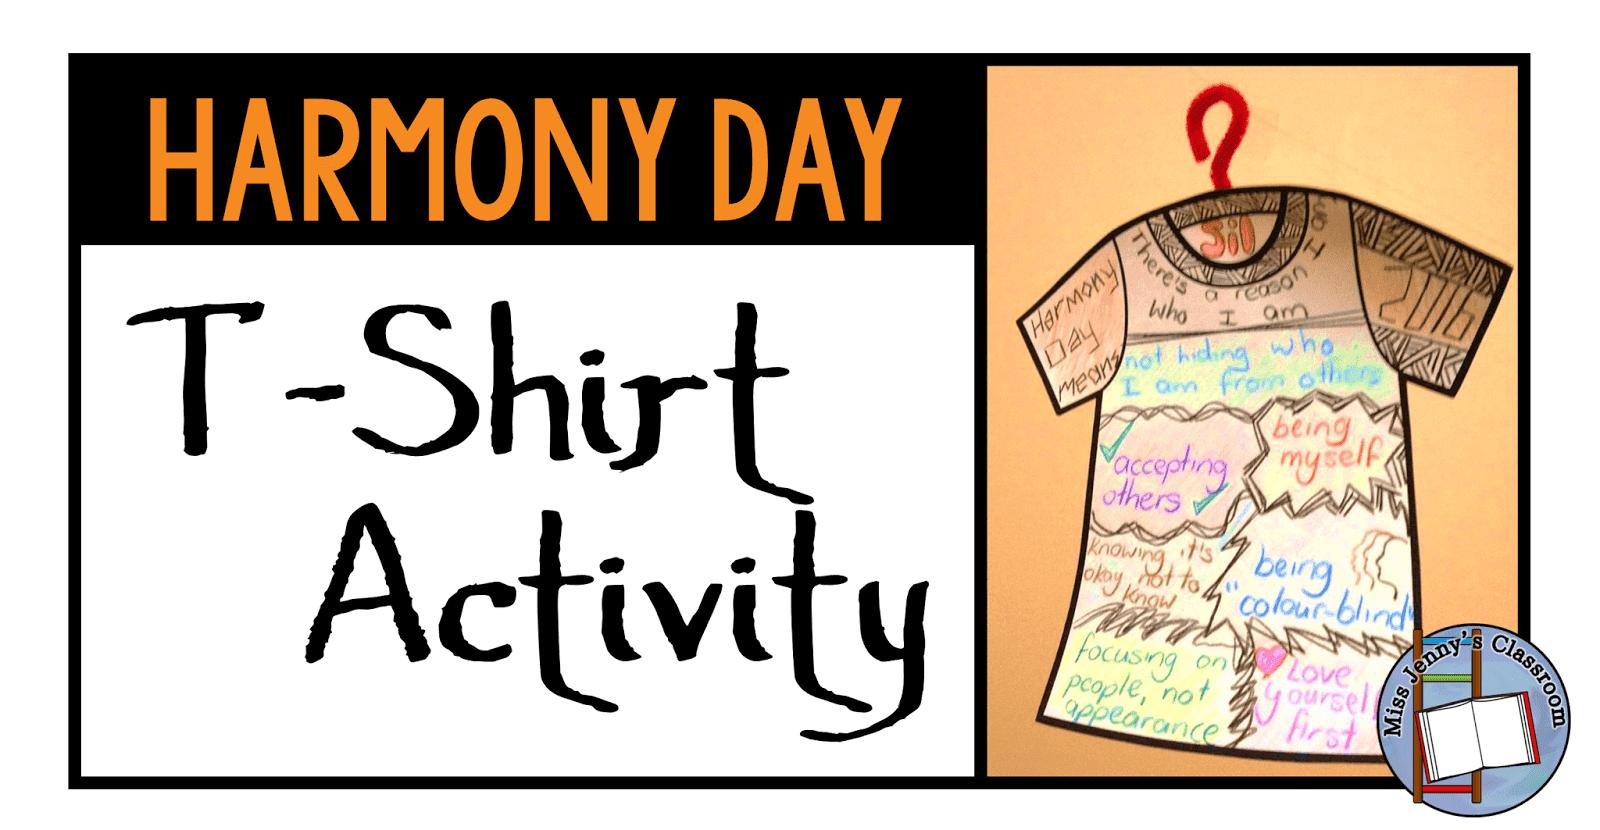 Harmony Day T Shirt Activity